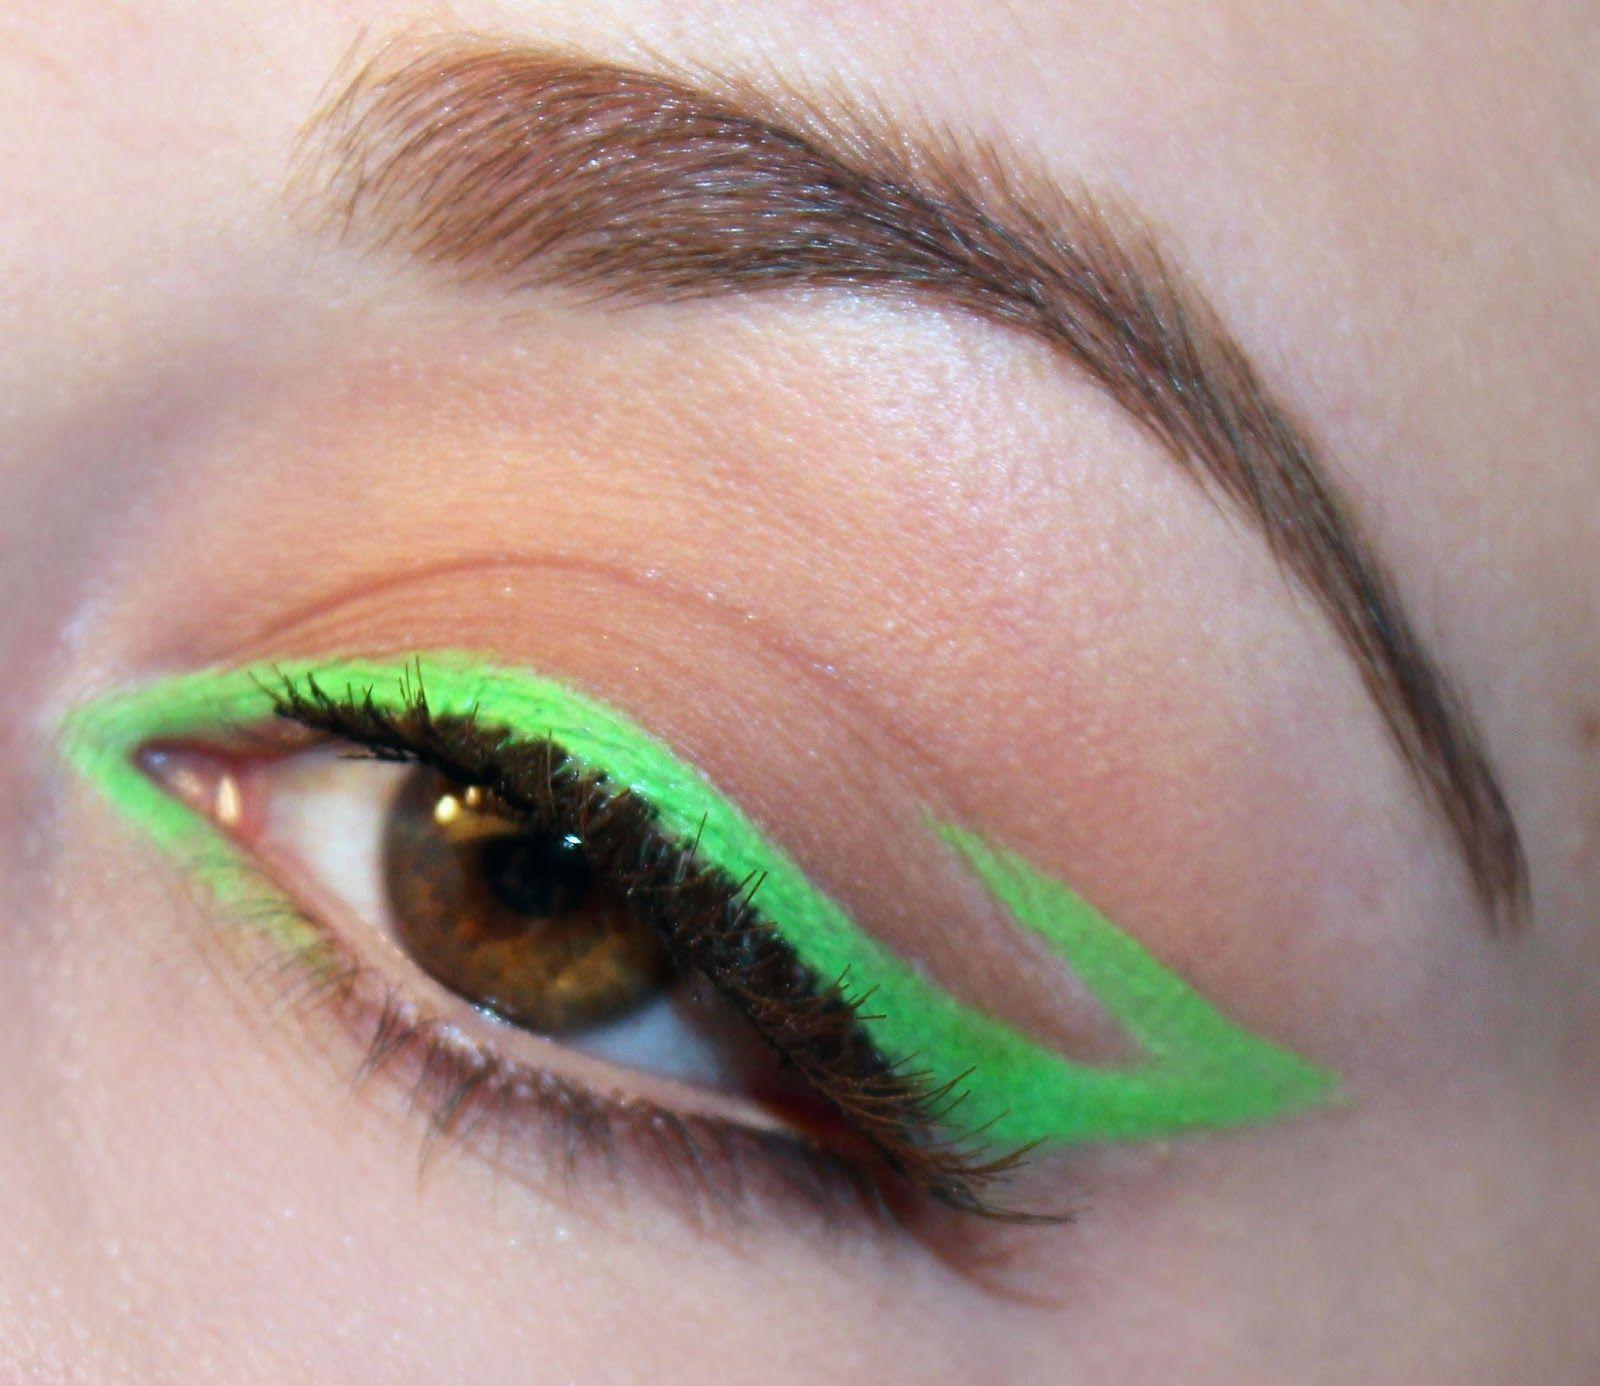 20 Estilos de delineado de ojos Makeup hacks Trucos de delineado Eyeliner hacks Trucos de maquillaje Delineado minimalista de color verde